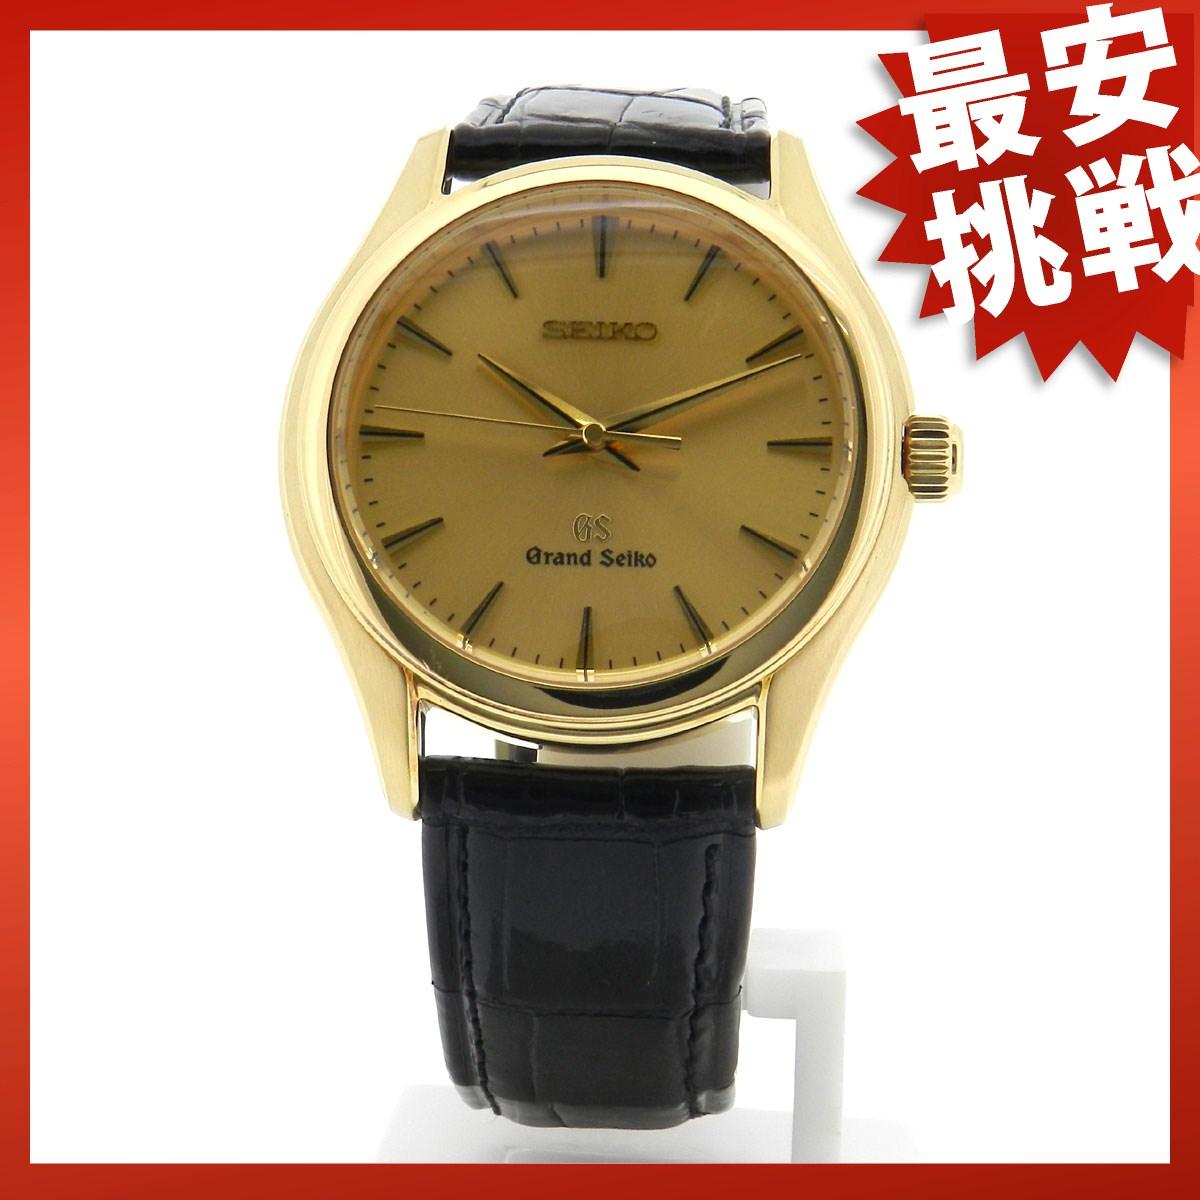 SEIKO Grand Seiko 9F61-OA30 watch black leather men's